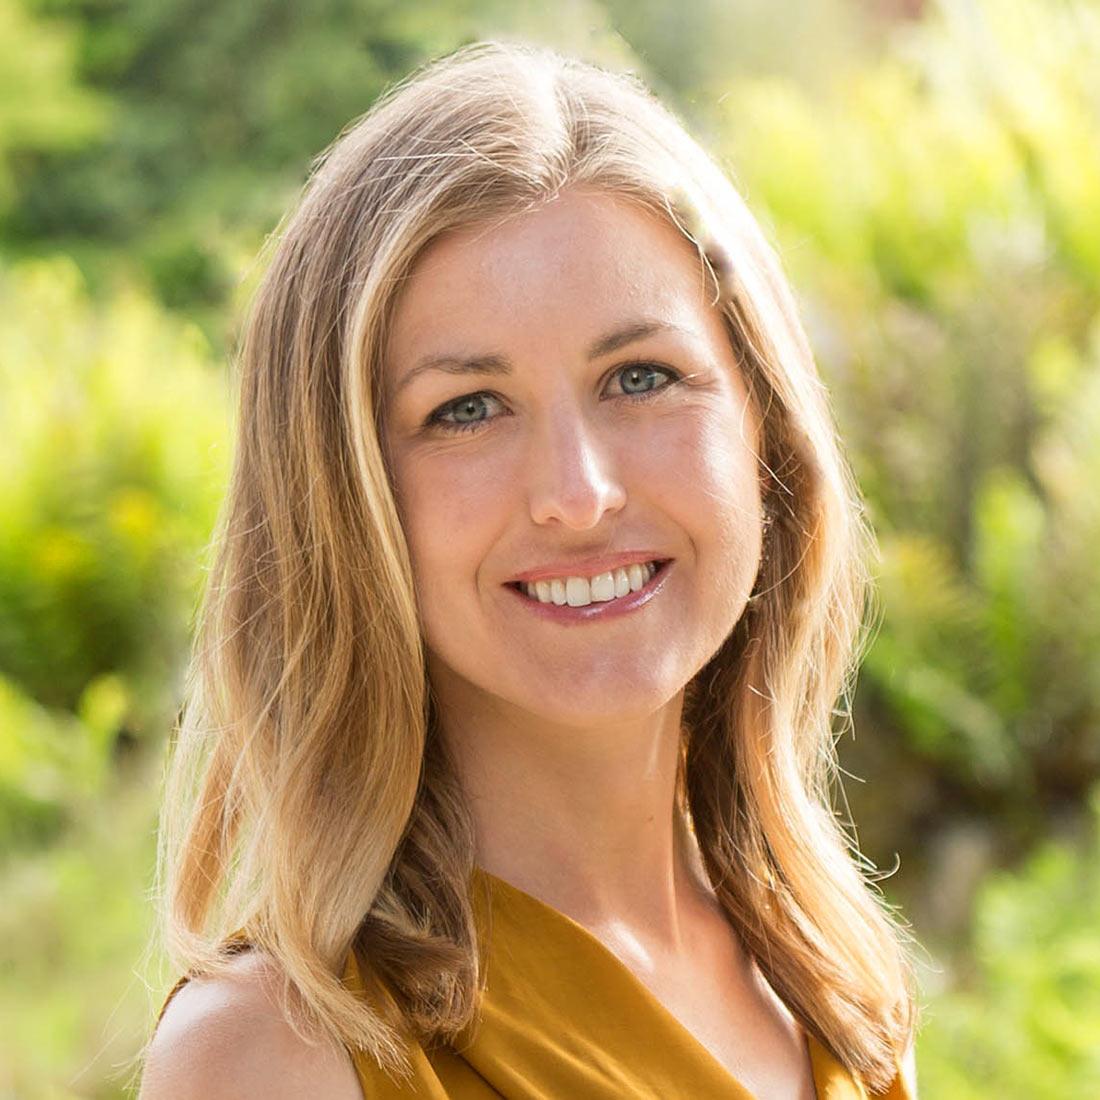 Emily Christian